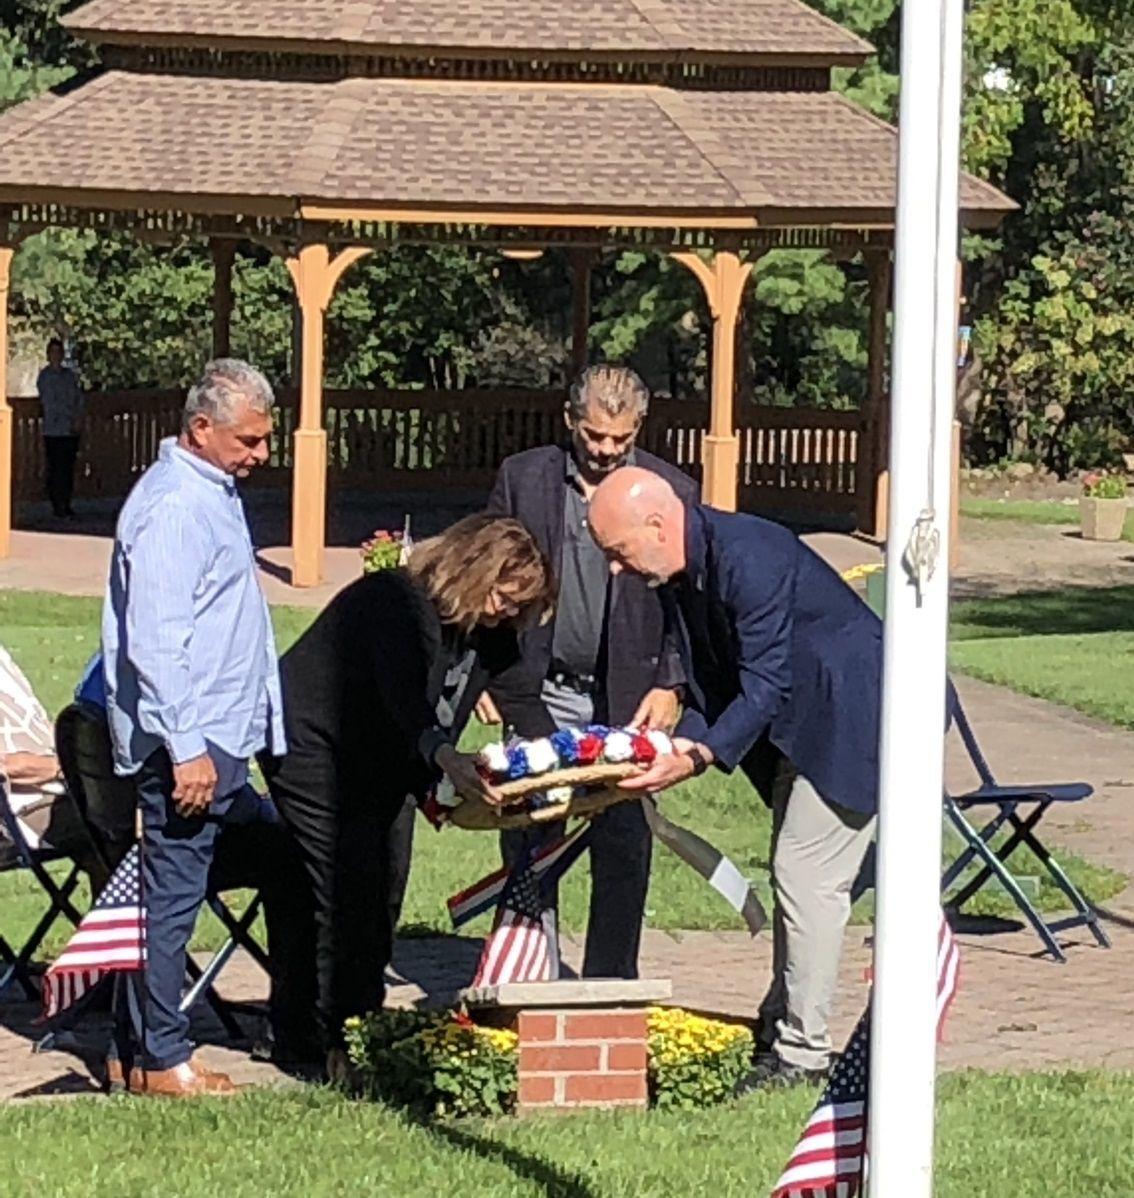 Wreath at memorial